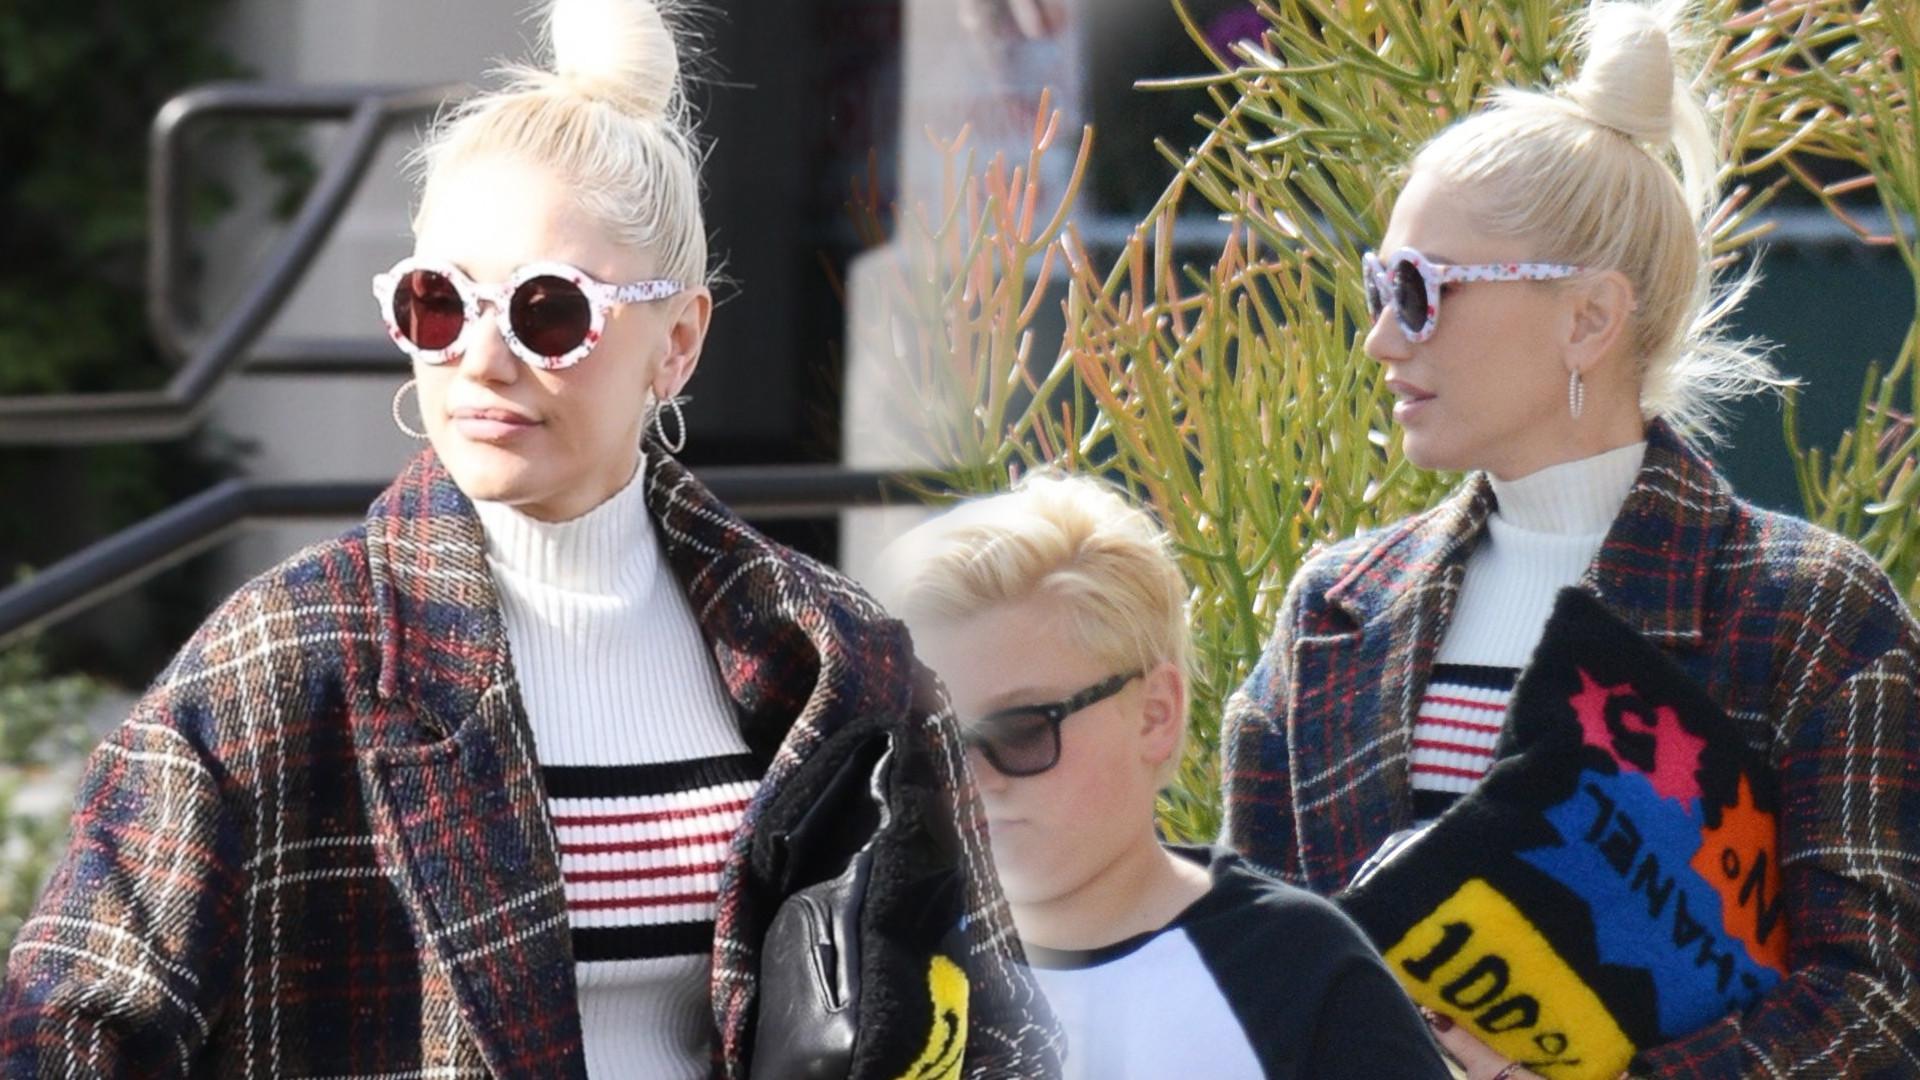 Wystylizowana Gwen Stefani zabrała synów do kościoła (ZDJĘCIA)